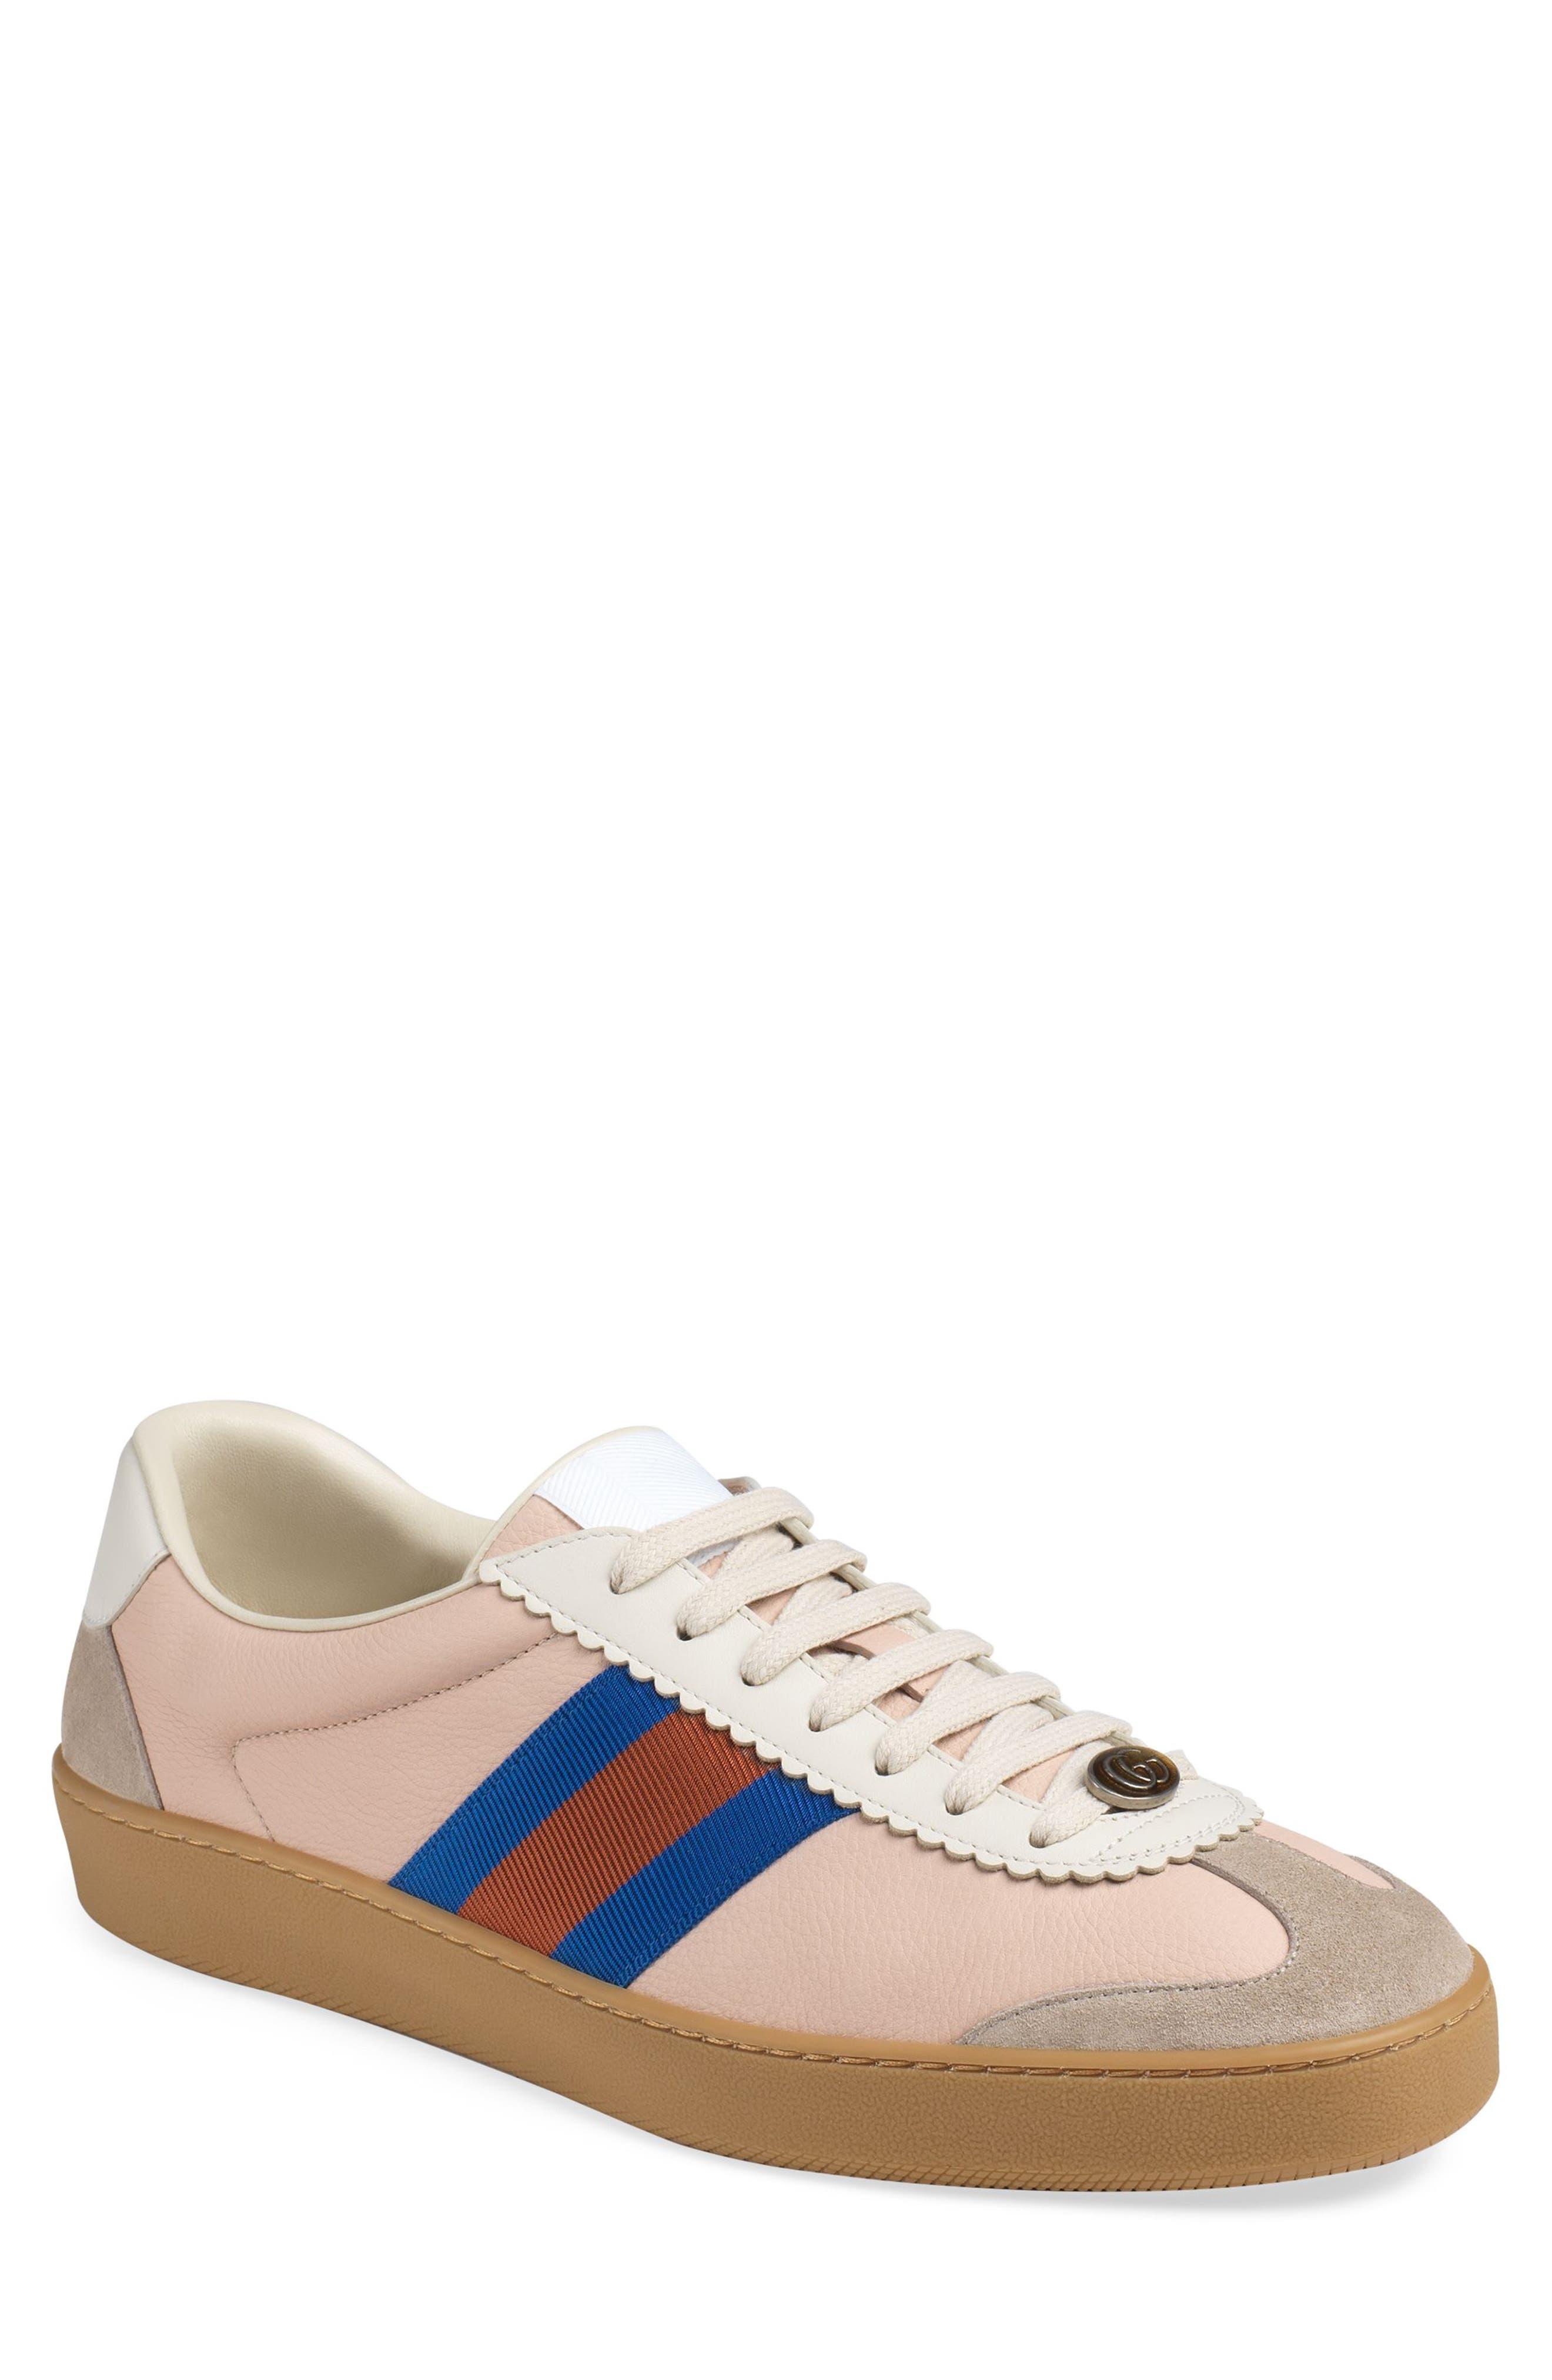 Web Sneaker,                             Main thumbnail 1, color,                             OATMEAL/ WHITE